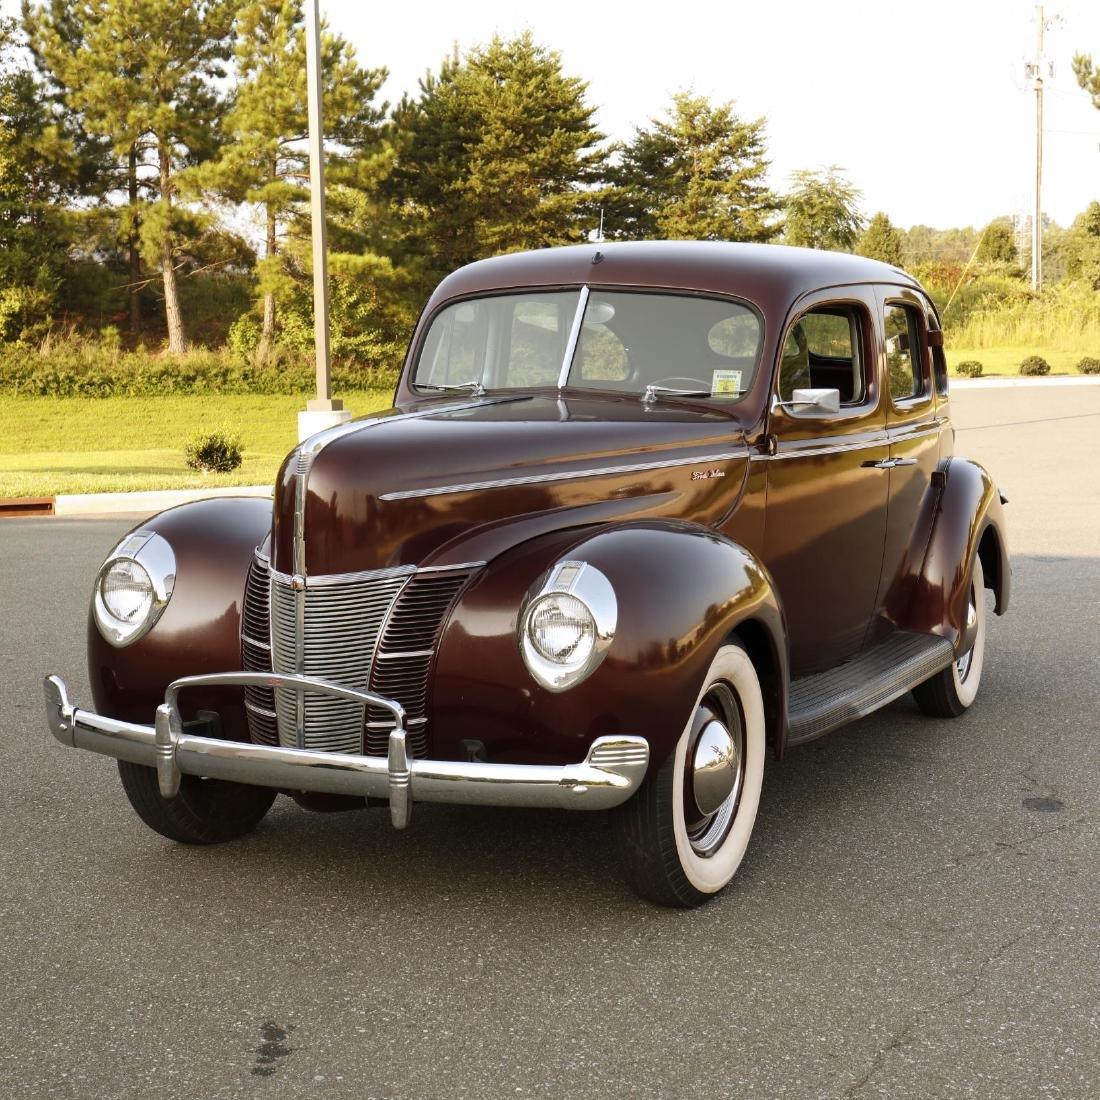 1940 Ford Deluxe Fordor Sedan - 2